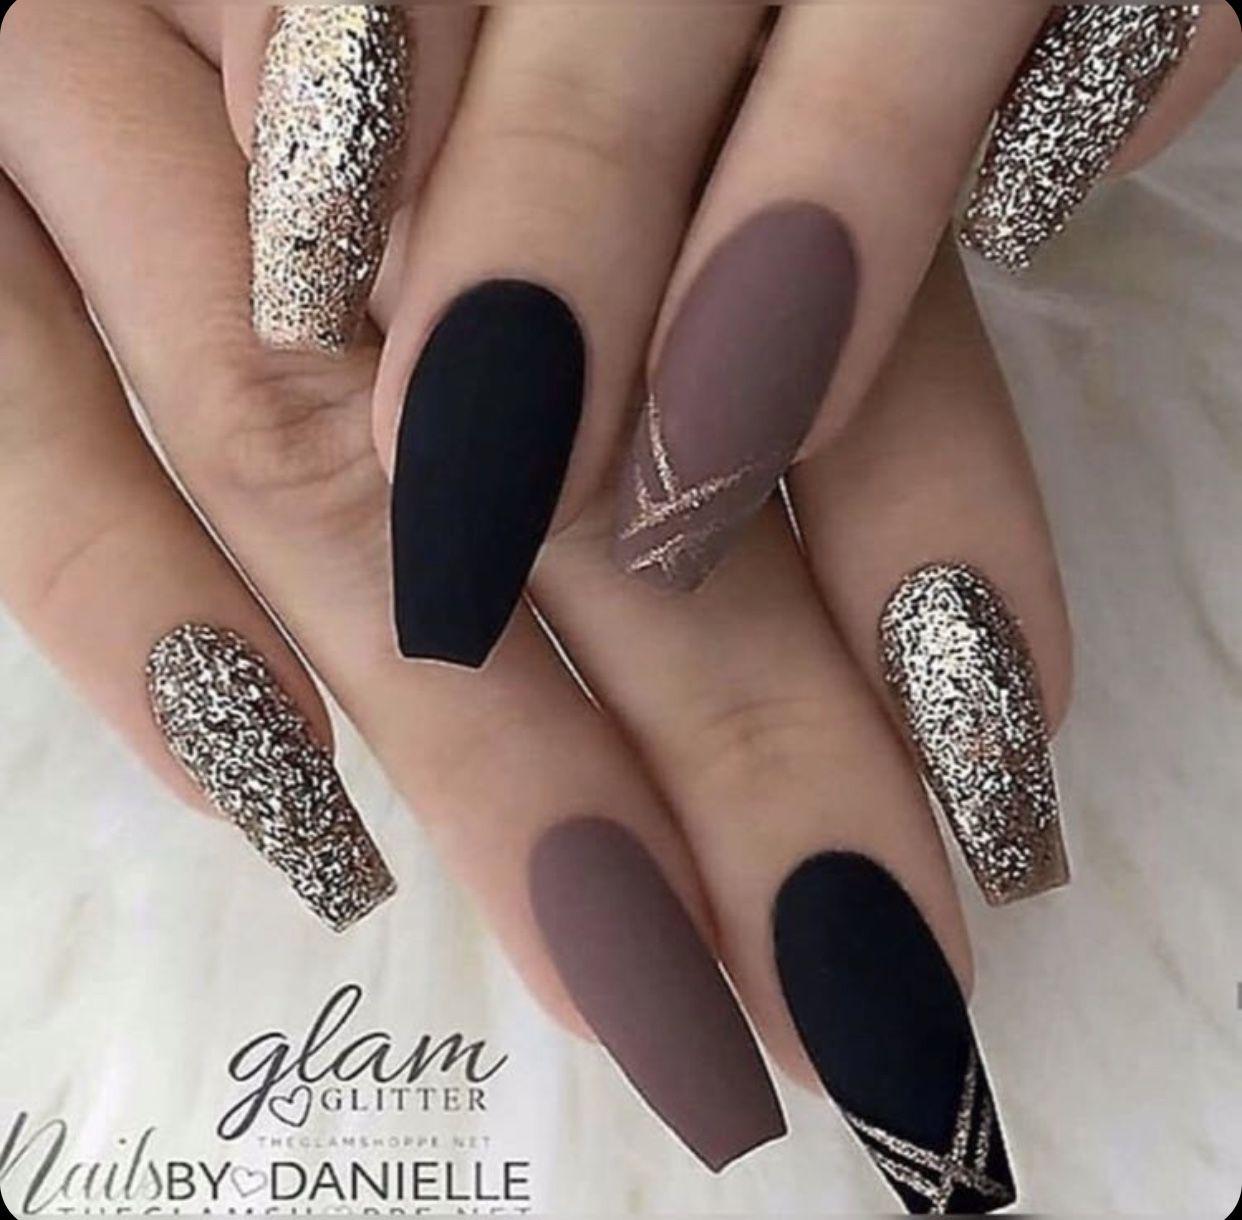 Pin By Brenna Palma On Nails In 2020 Classy Nail Designs Coffin Nails Designs Classy Nails